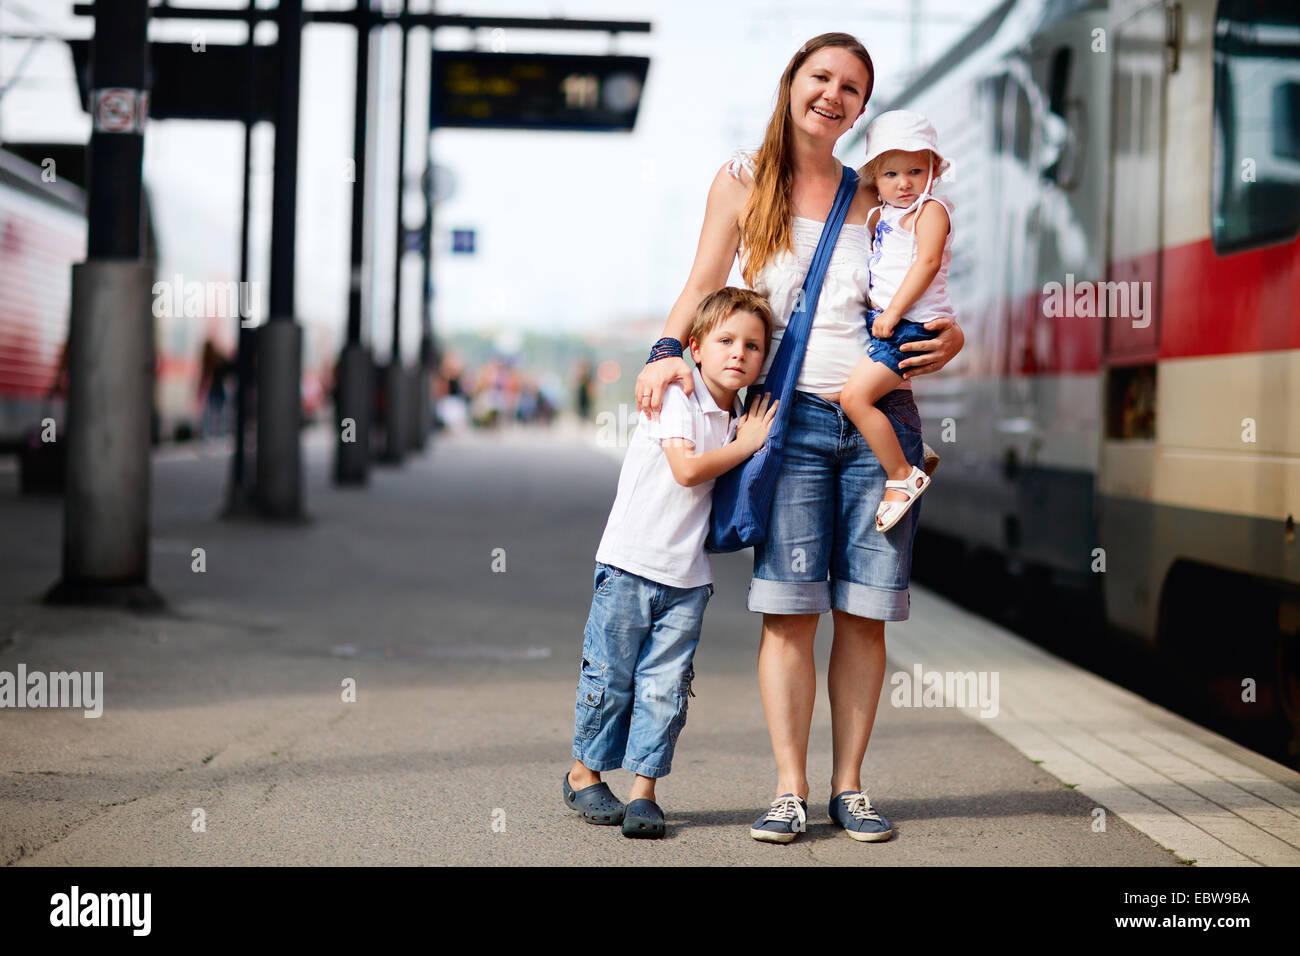 Une jeune mère avec ses deux enfants en attente pour le train Banque D'Images